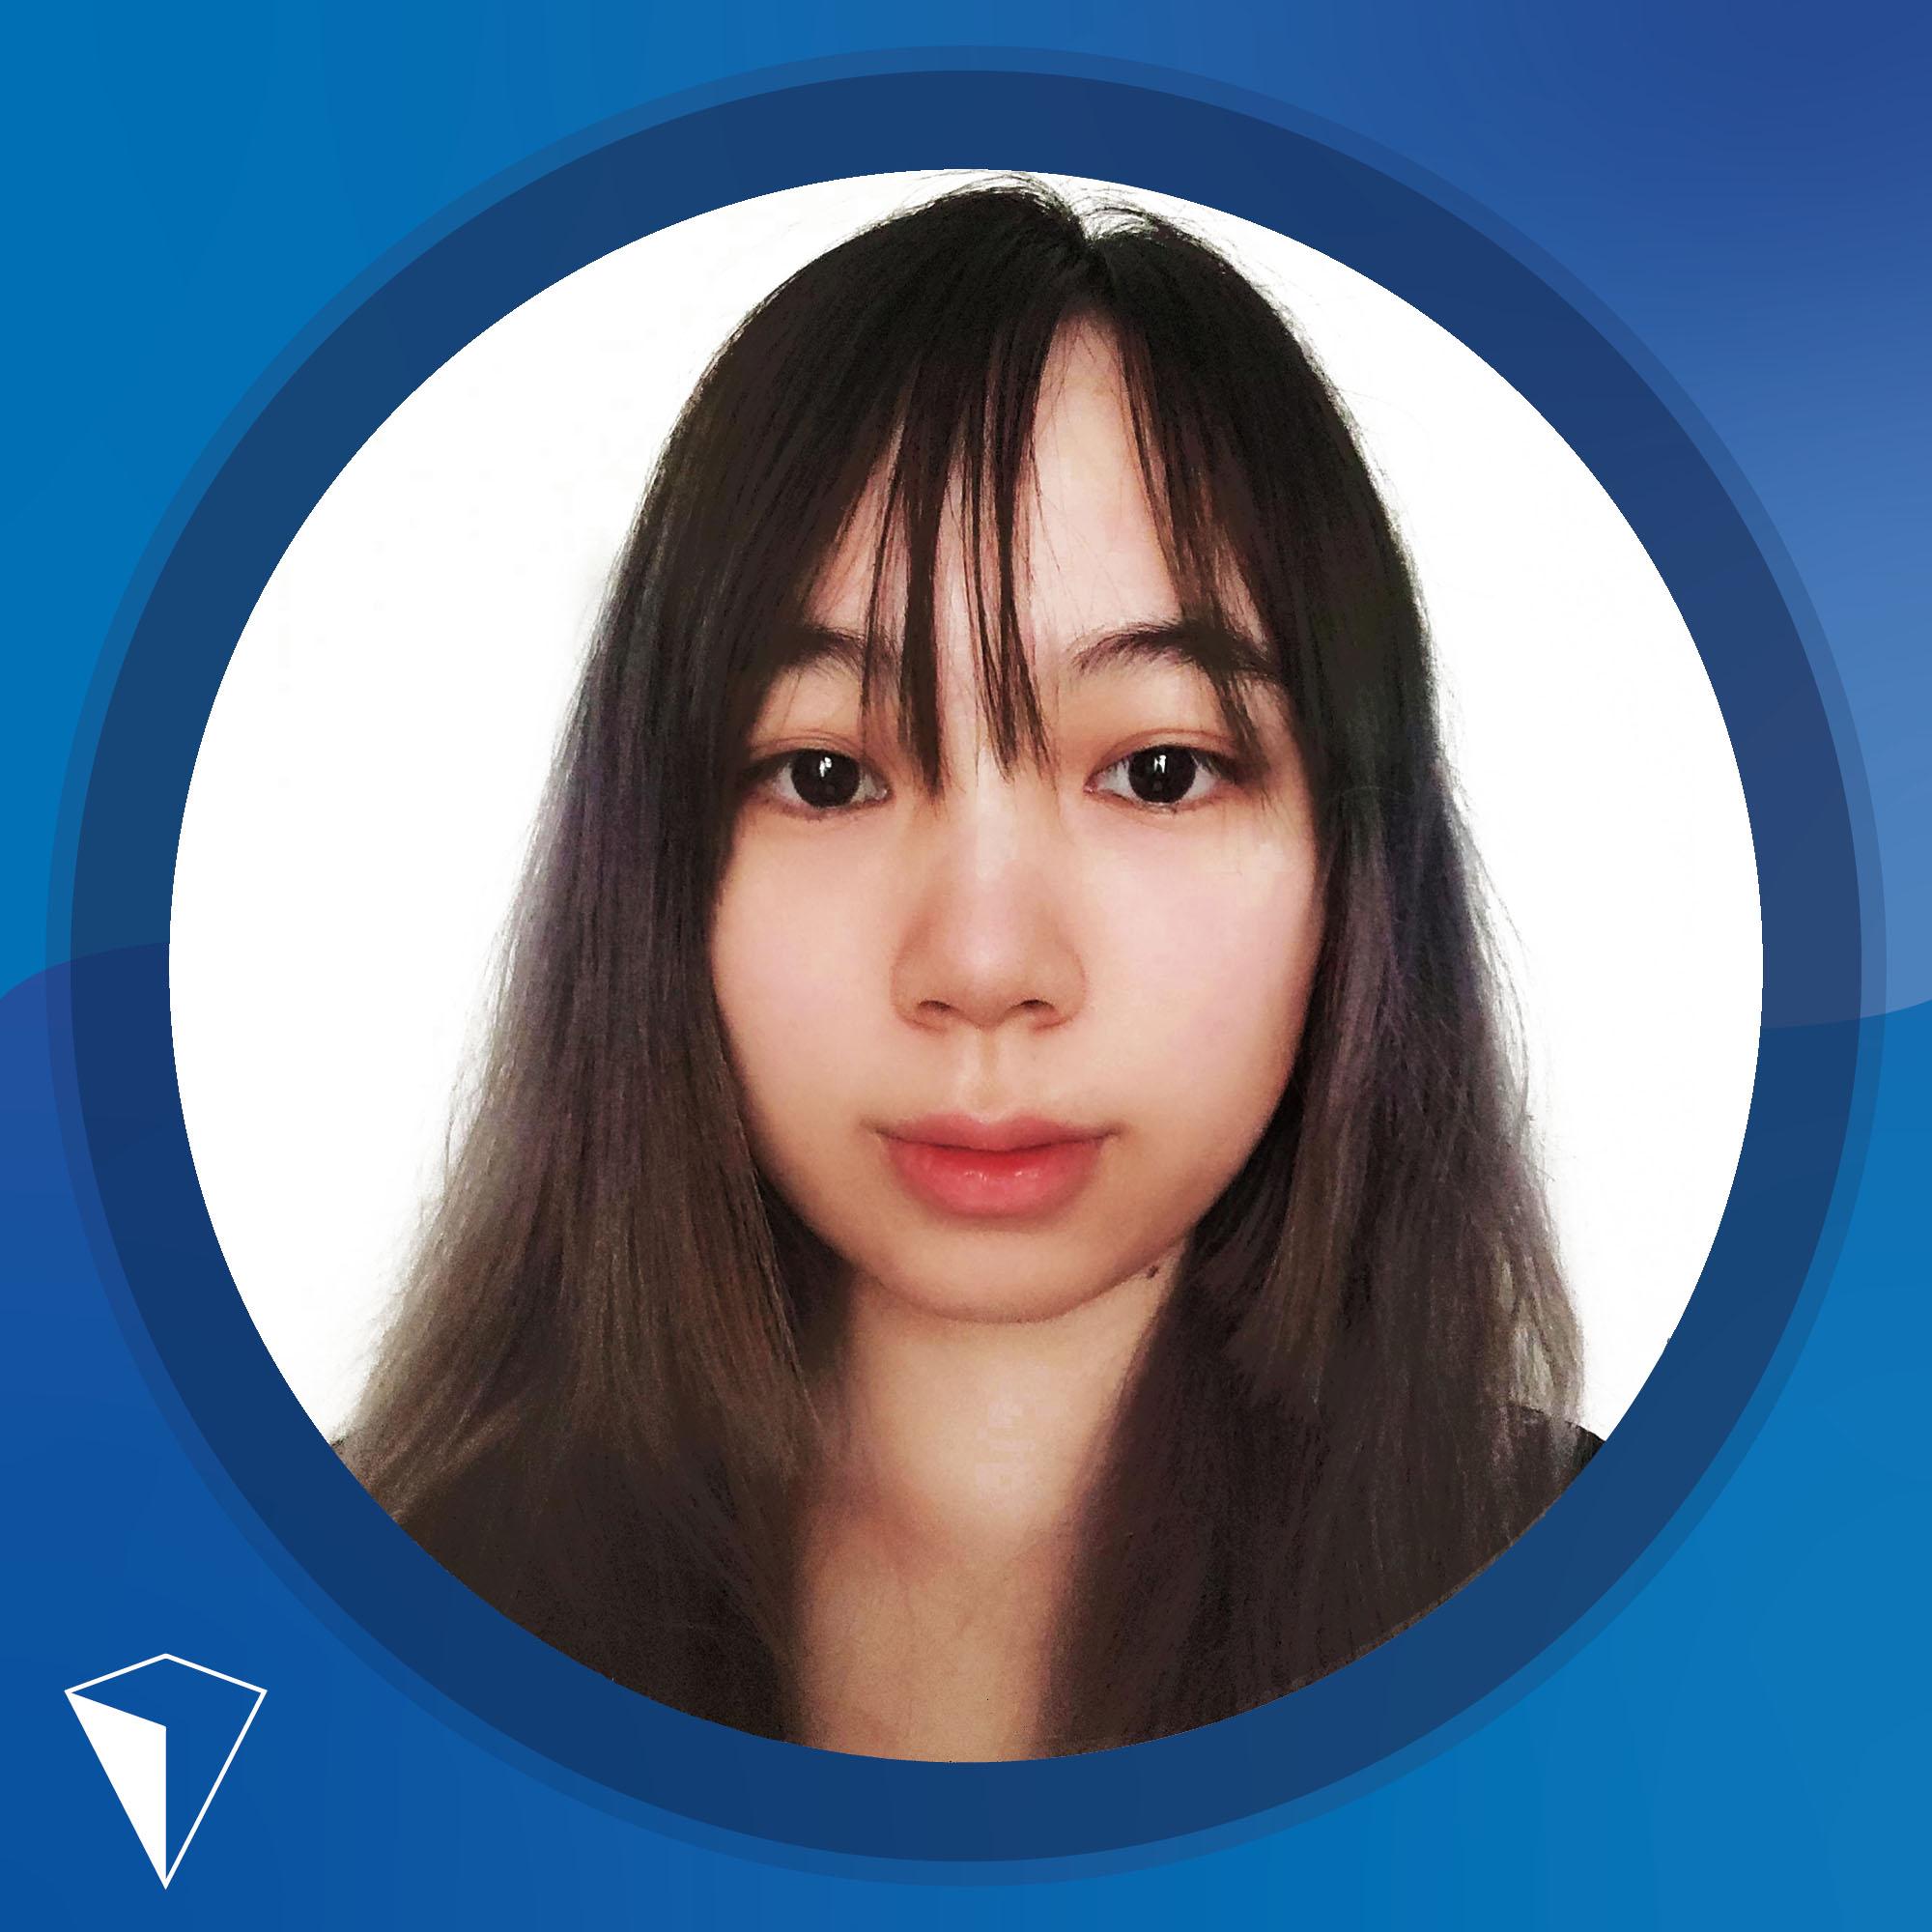 未来领域师资团队 Wei 讲师